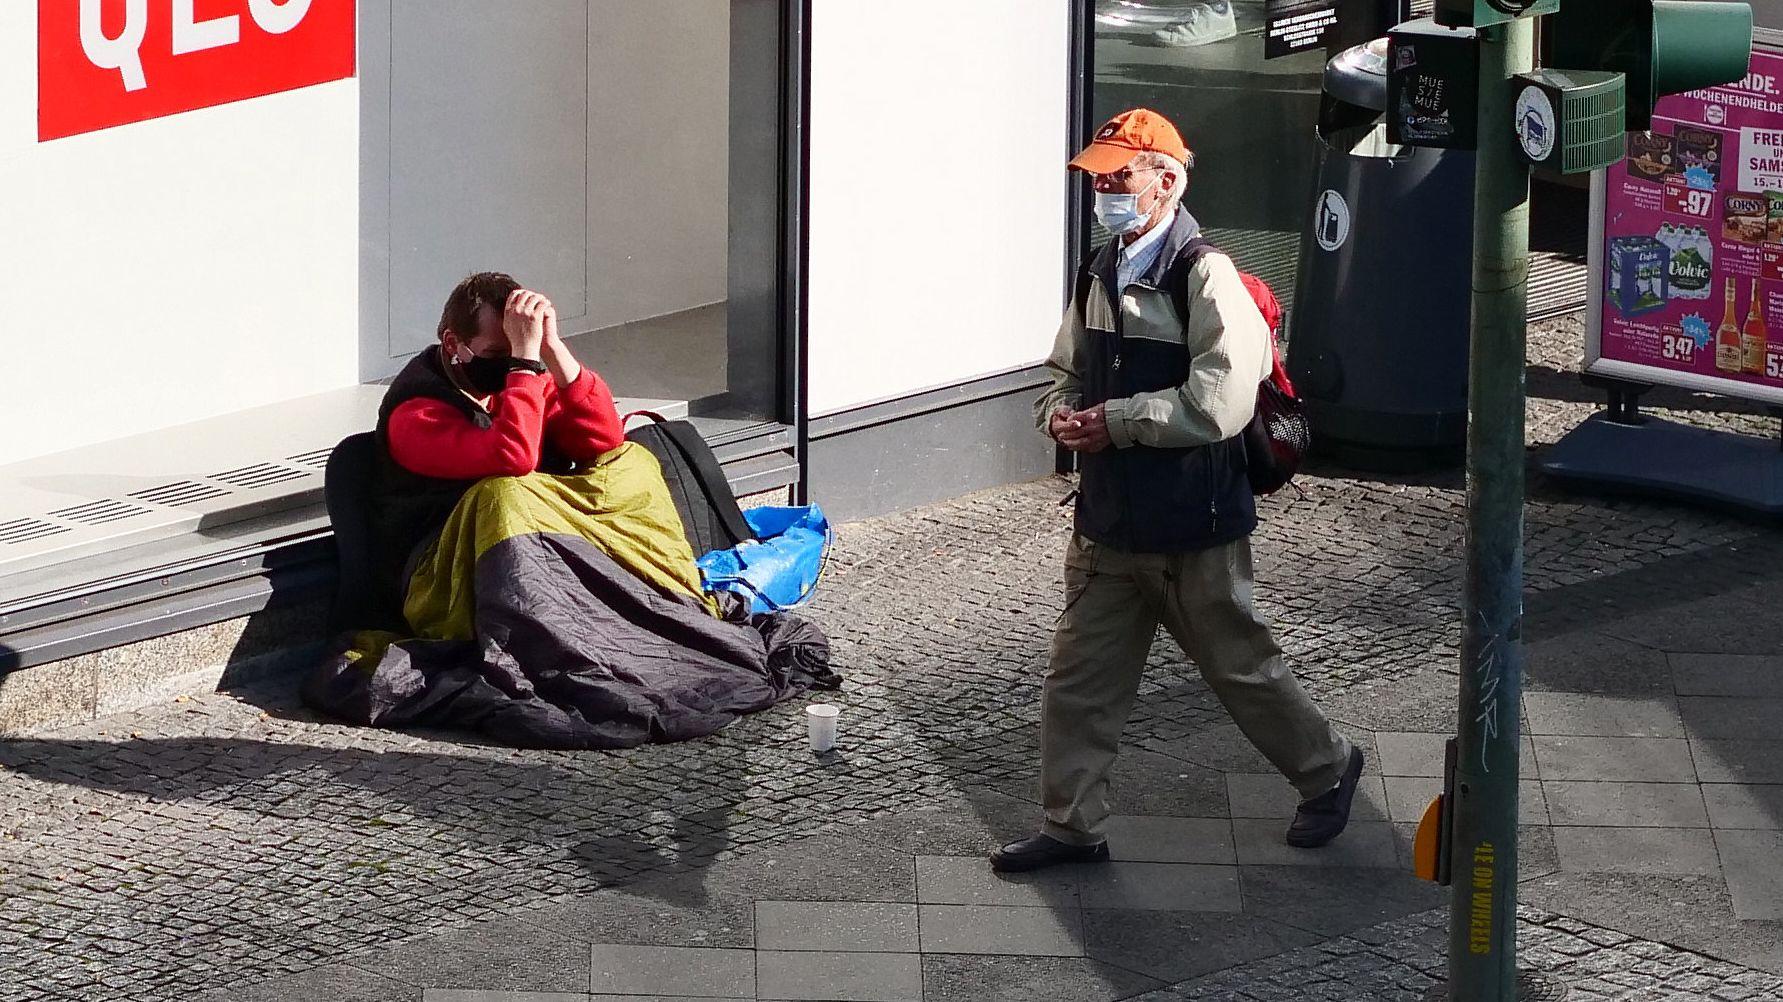 Ein Passant geht an einem Obdachlosen vorbei, beide tragen Mundschutz